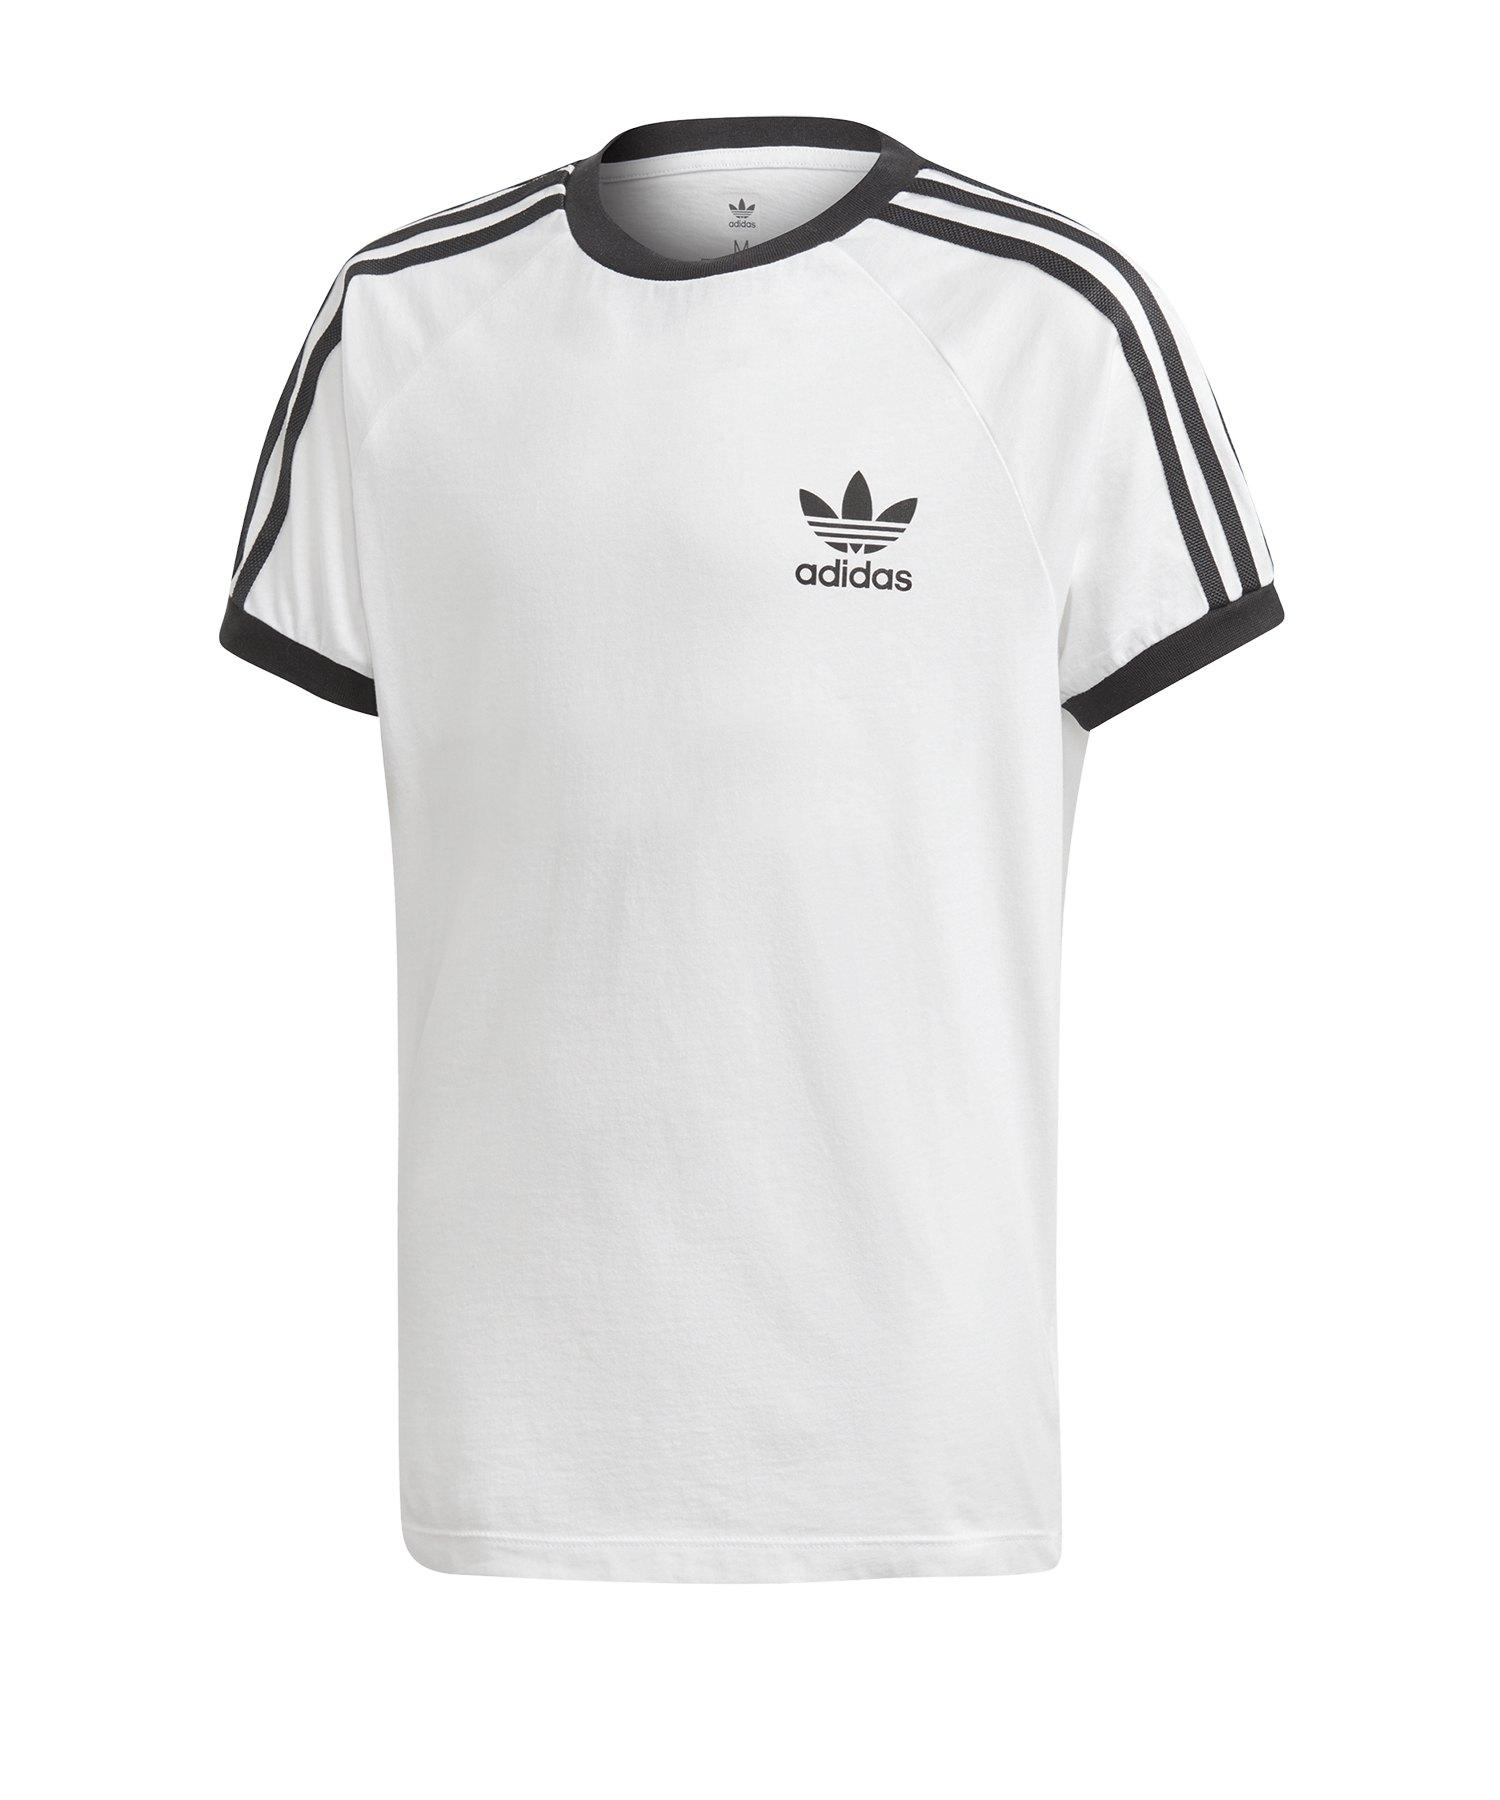 adidas Originals 3 Stripes T Shirt Kids Weiss